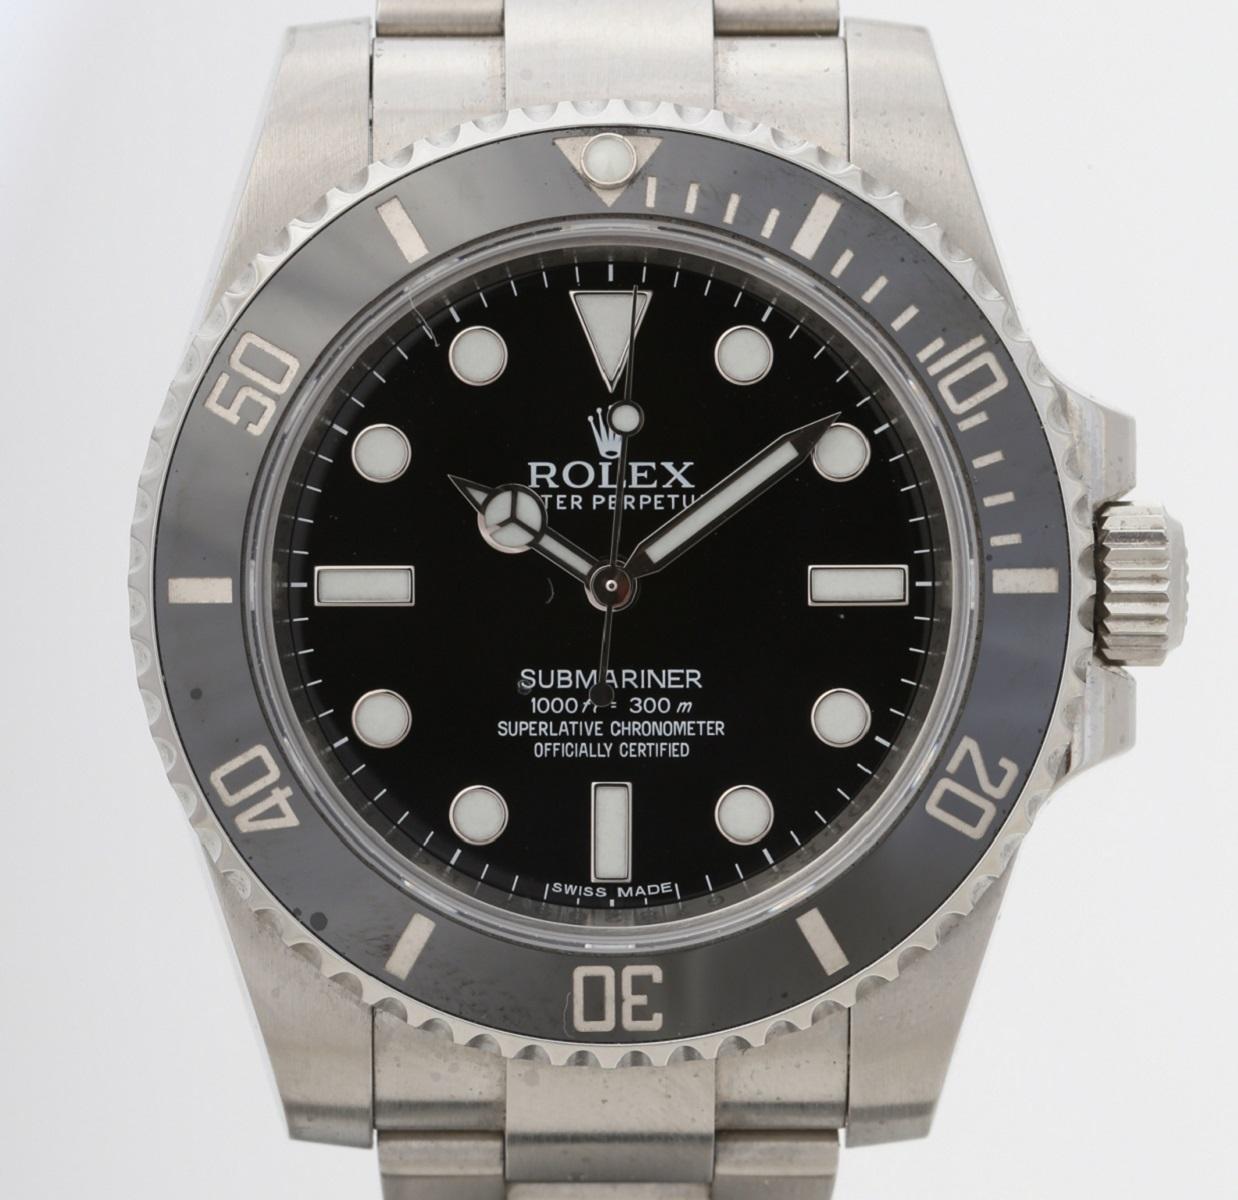 ROLEX ロレックス サブマリーナ 114060 SS ステンレス 2013年正規 日本ロレックス 新品同様品 メンズ 保証書 箱 腕時計 送料無料 【トレジャースポット】【中古】